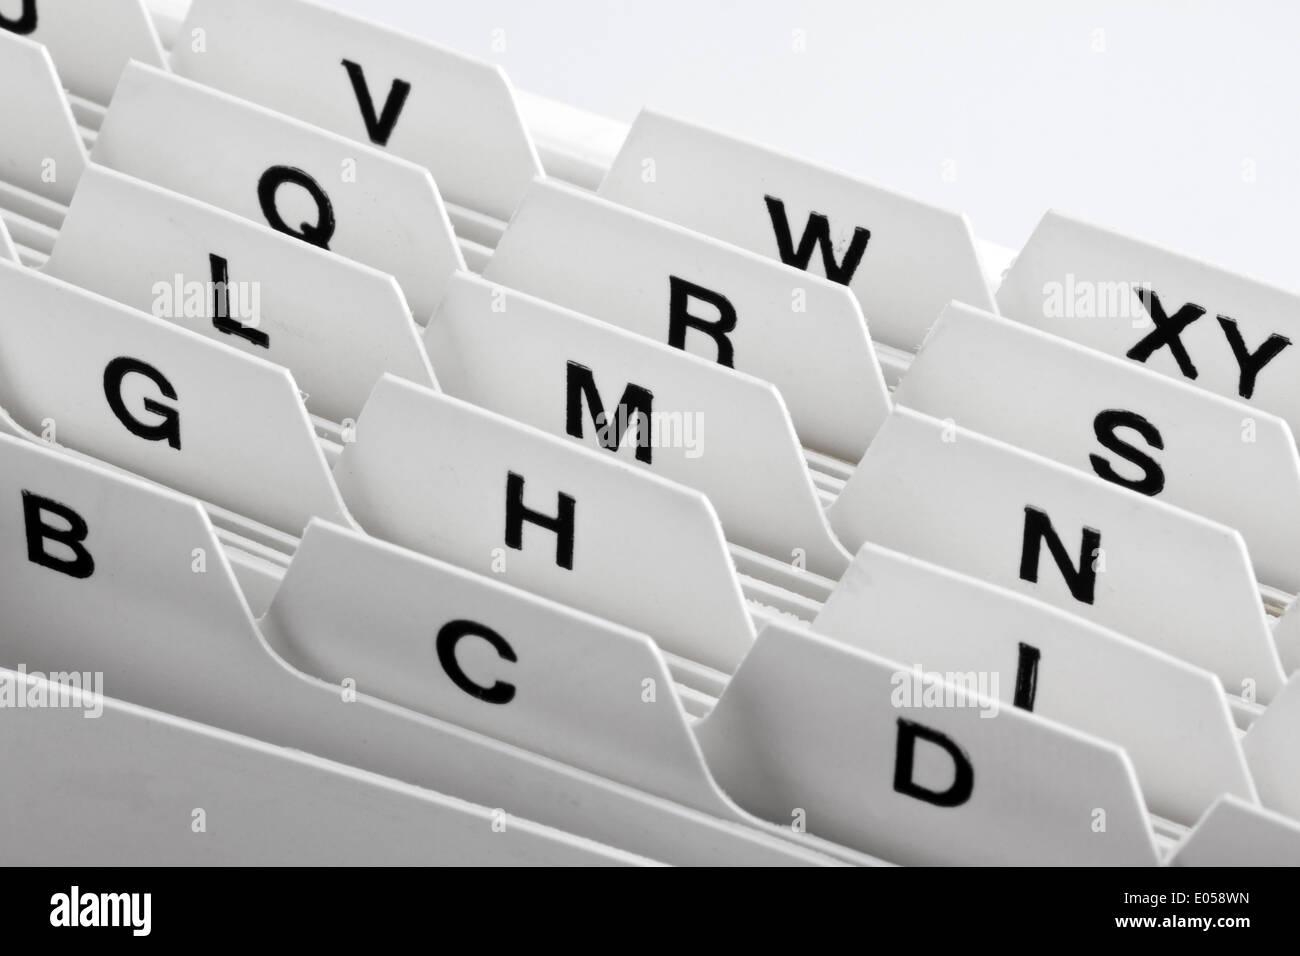 A white card index map box with alphabetical assortment, Ein weisser Kartei Kartenkasten mit alphabetischer Sortierung - Stock Image